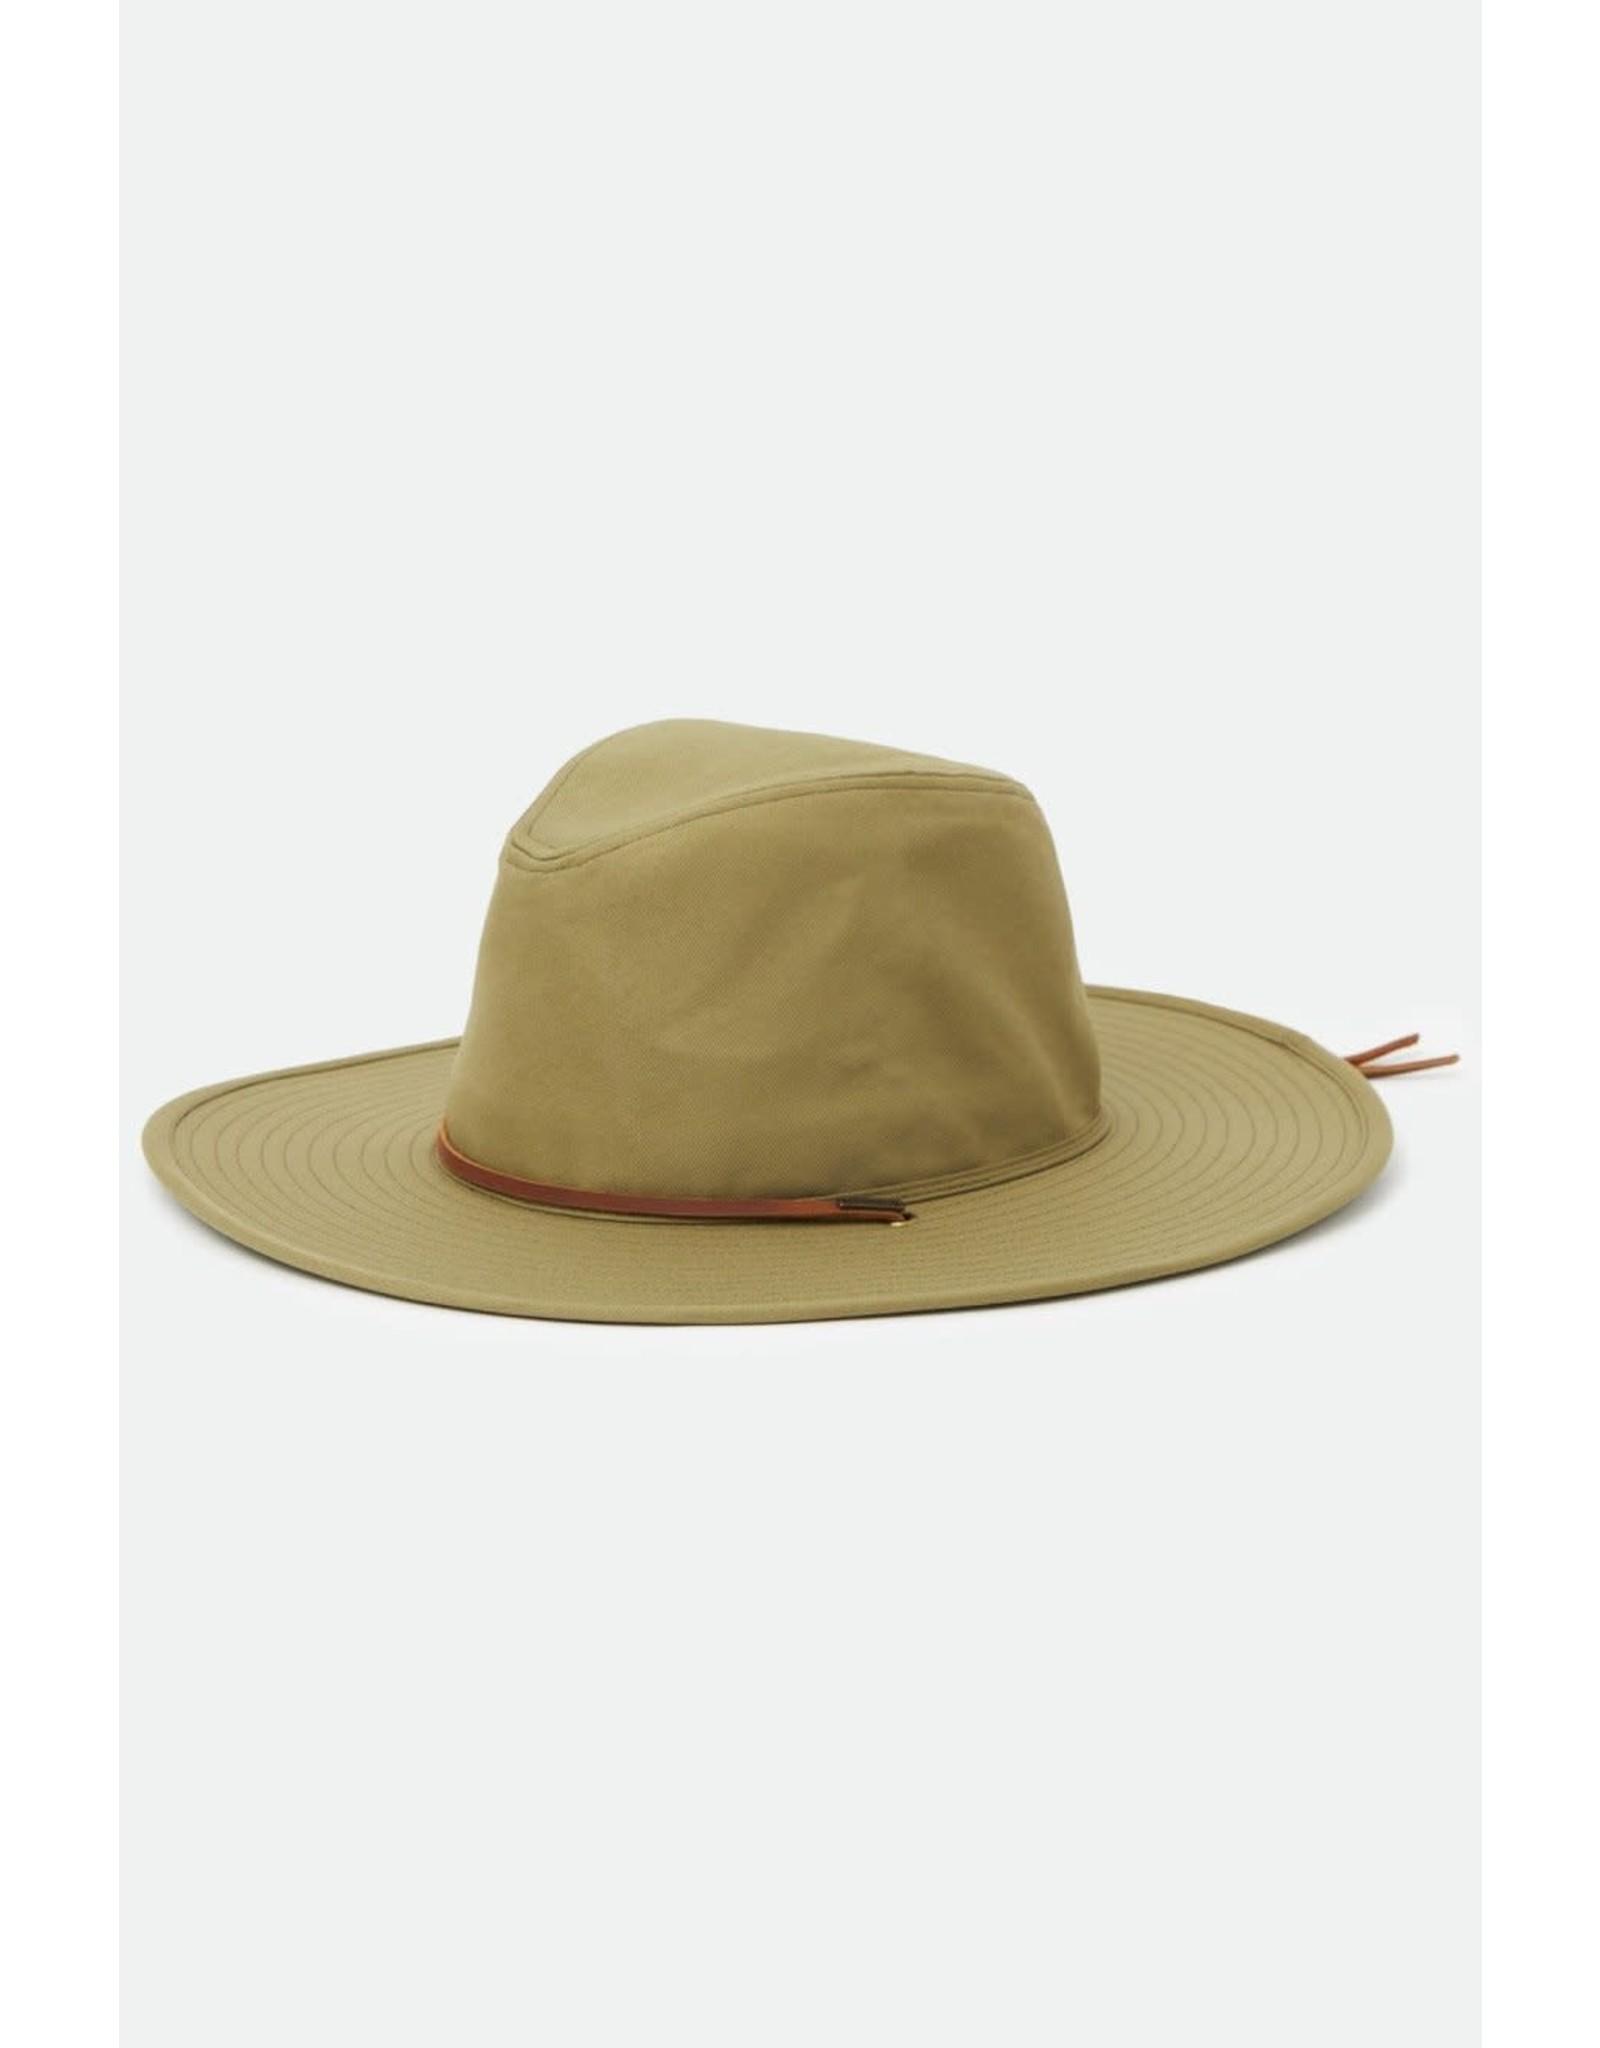 Brixton - Olive Brimmed Hat